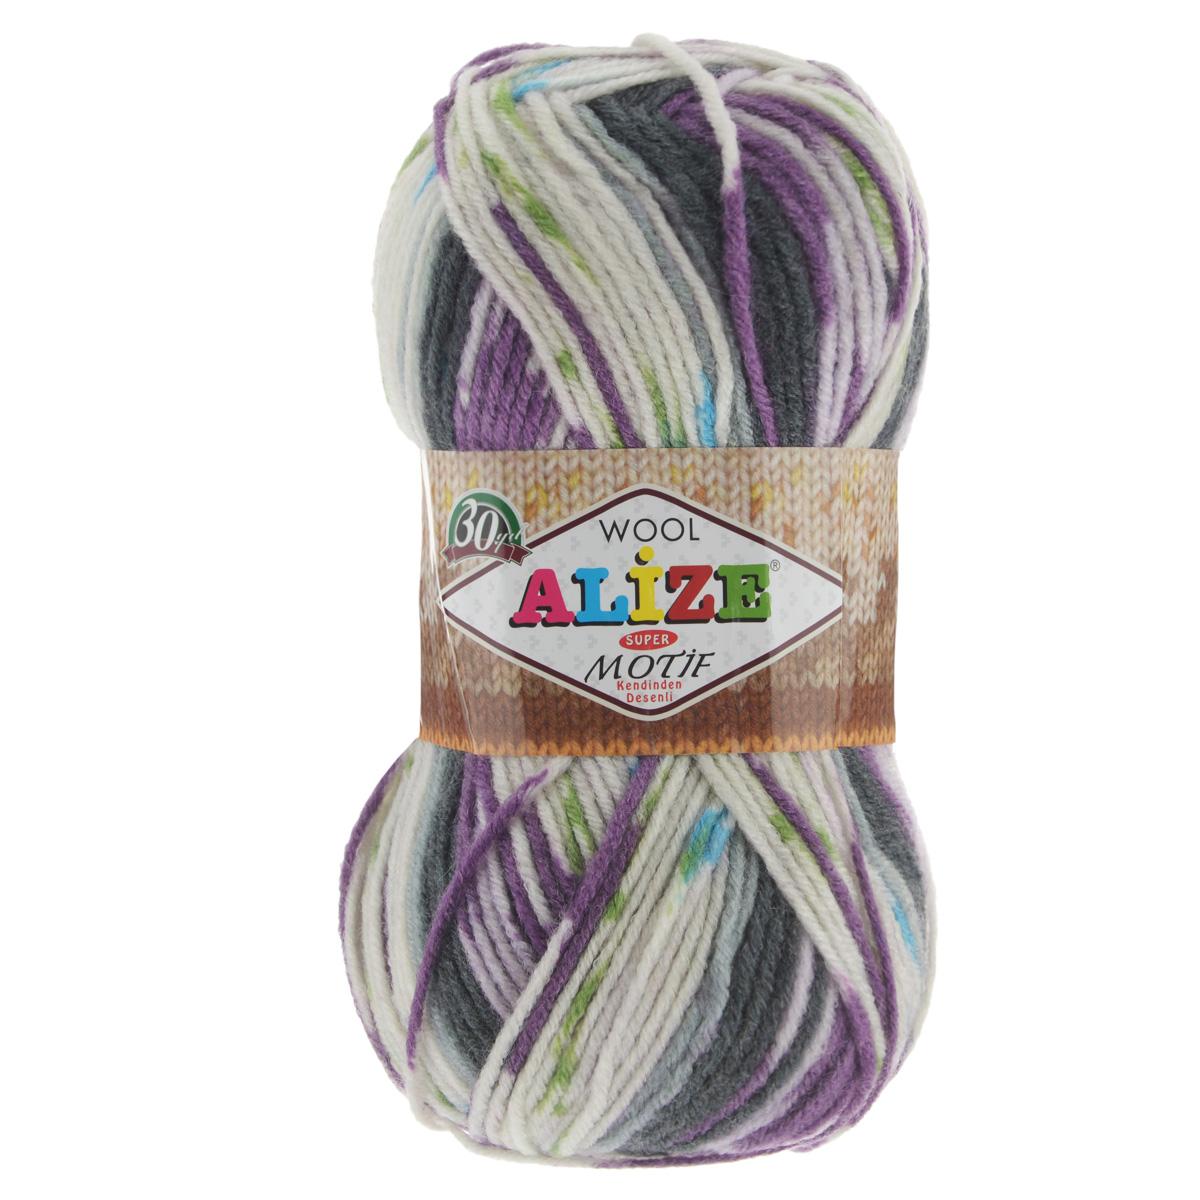 Пряжа для вязания Alize Motif, цвет: серый, белый, фиолетовый (1649), 200 м, 100 г, 5 шт367014_1649Турецкая пряжа Alize MOTIF для ручного вязания. Нить толстая крученая, очень мягкая. Хорошо подходит для вязания теплых свитеров, пальто, изделий для интерьера. Оригинальное сочетание разноцветного узора и полос. Теплая осенне-зимняя пряжа для всей семьи. При вязании лицевой гладью складываются жаккардовые узоры. Состав: 80% акрил, 20% шерсть. Рекомендованные спицы № 5-6.